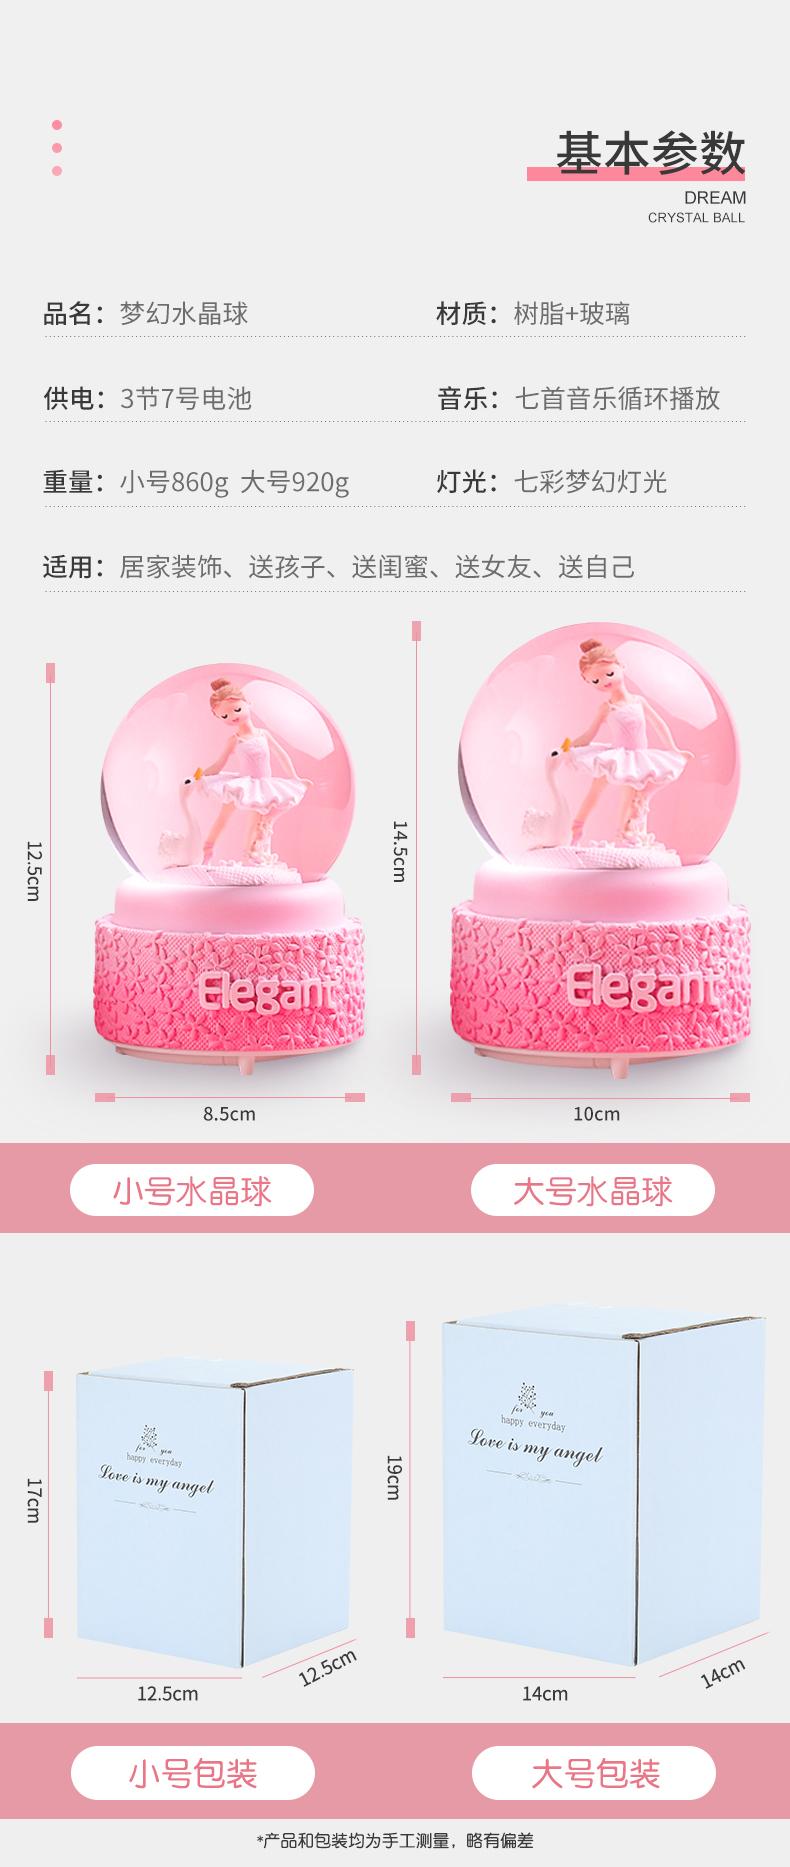 小女孩子玩具岁以上五至儿童公主一女童生日礼物益智详细照片